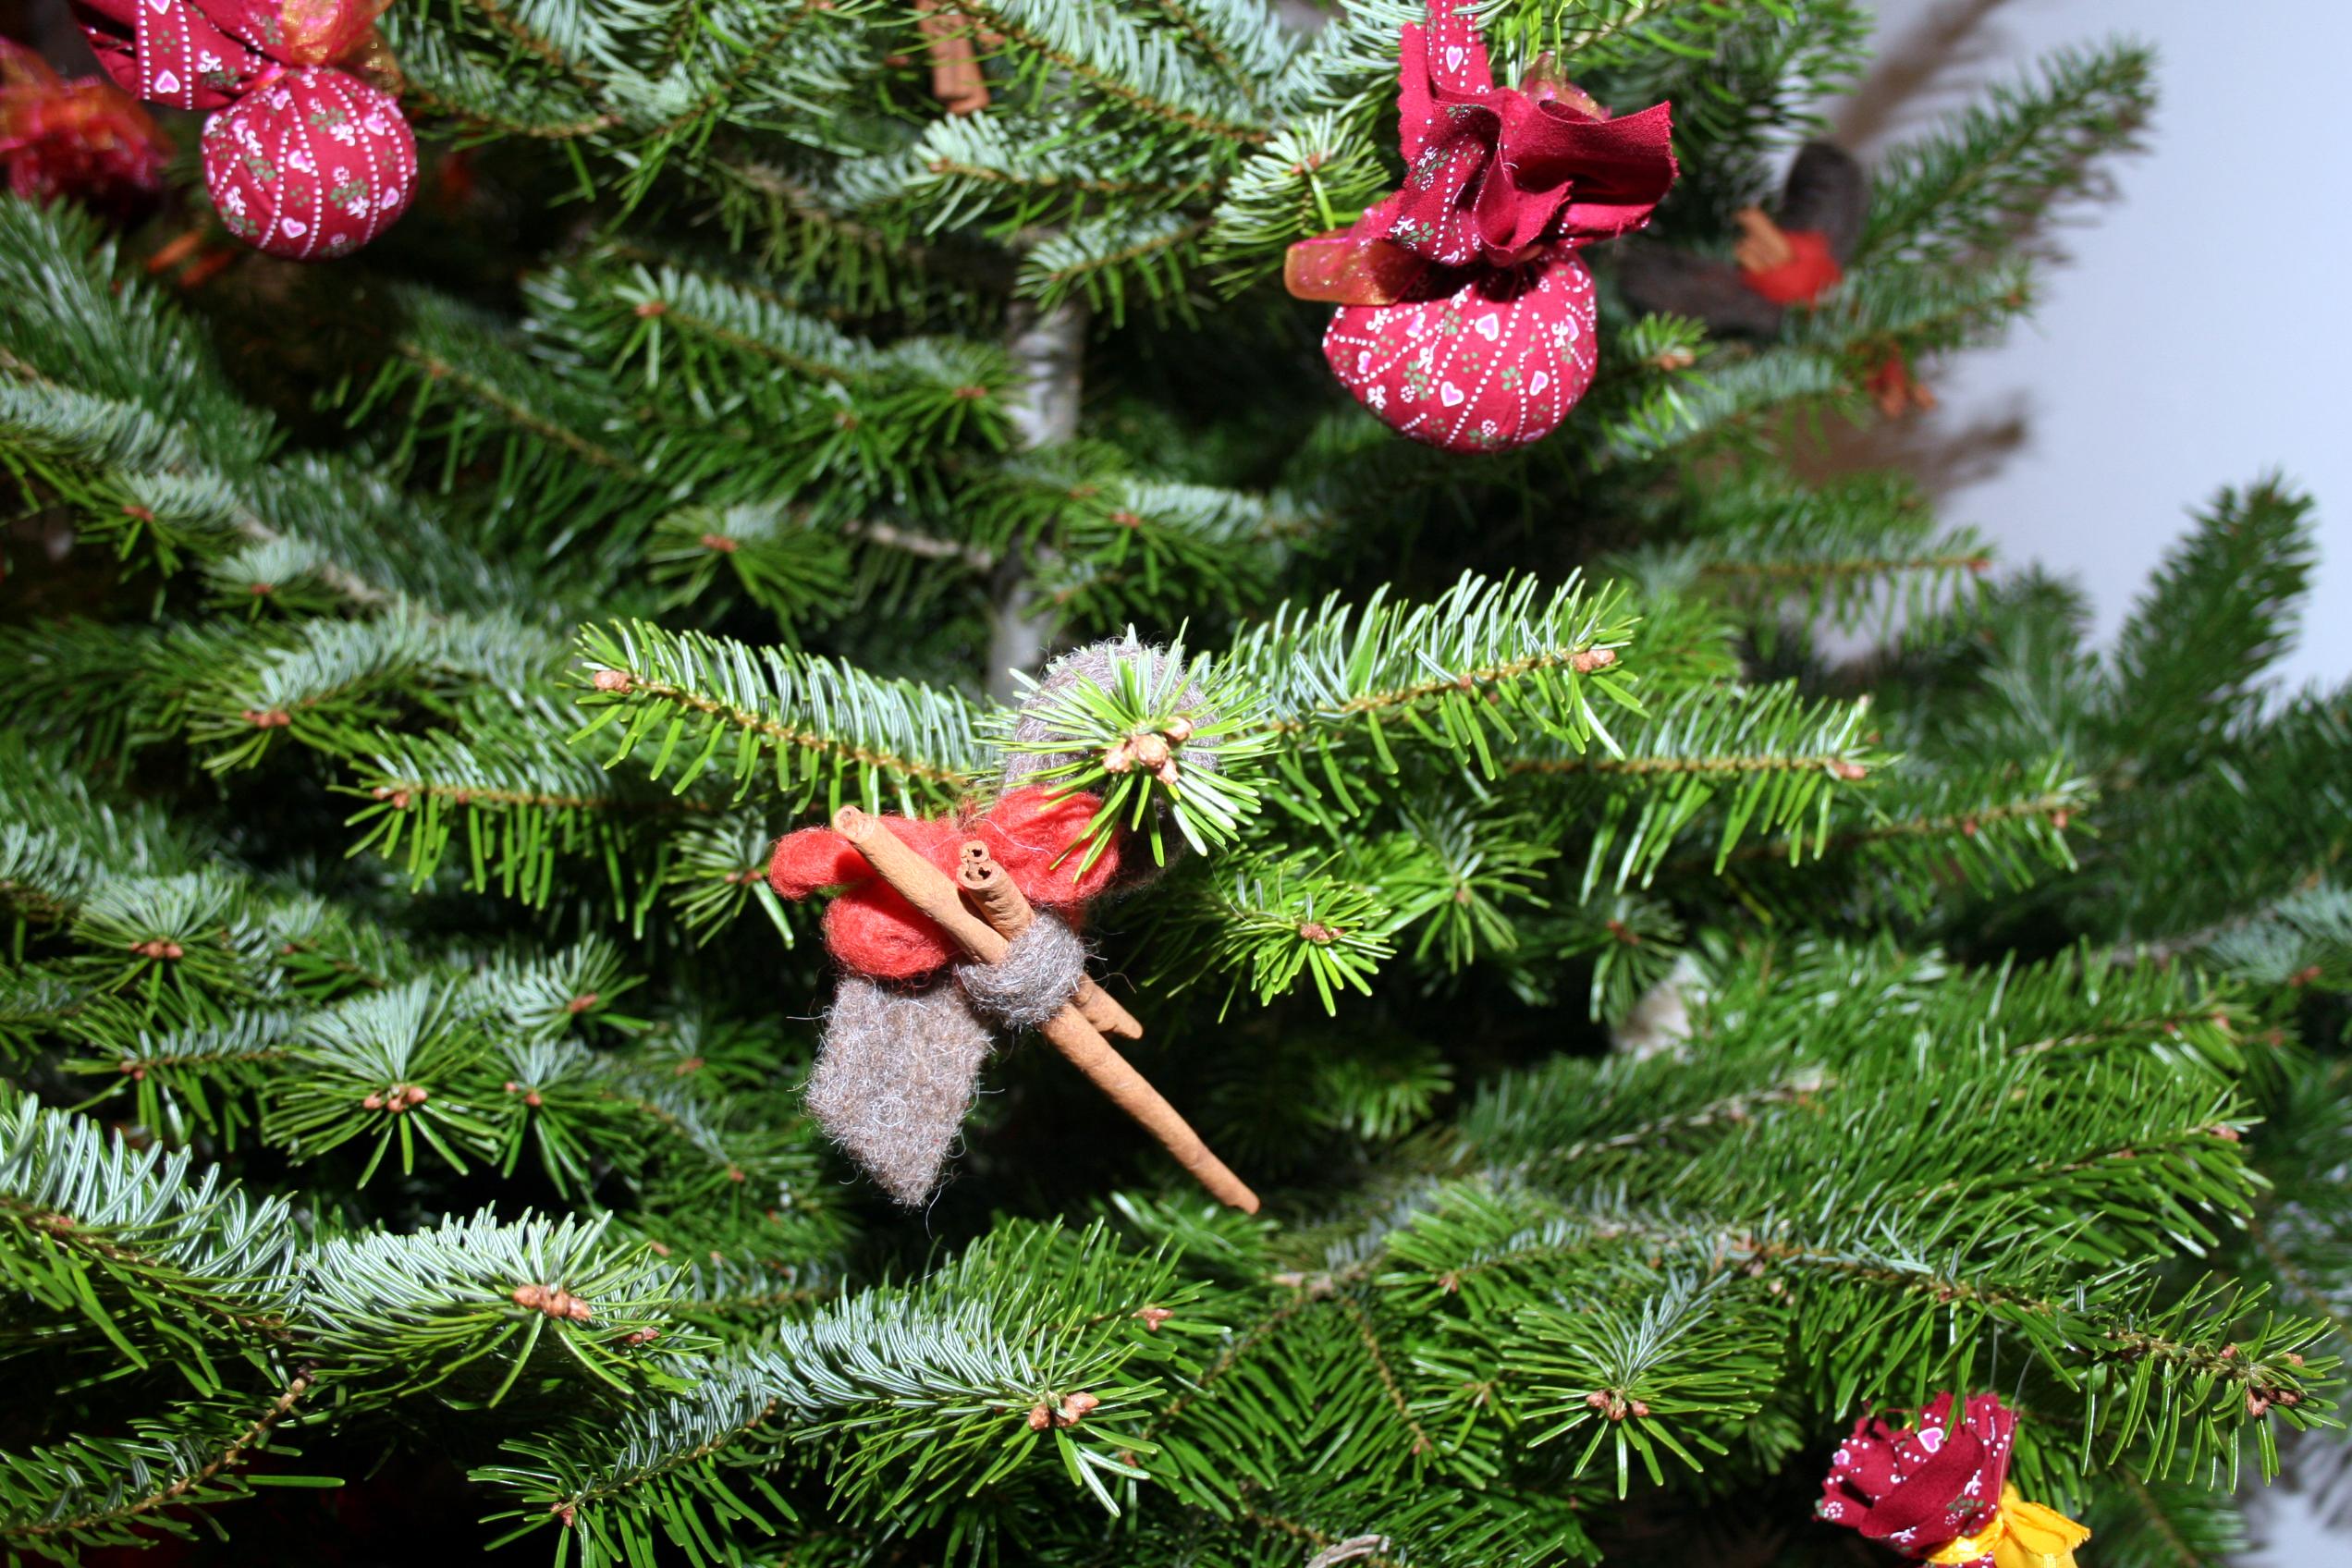 Le decorazioni per l 39 albero di natale eatitmilano - Decorazioni albero natale ...